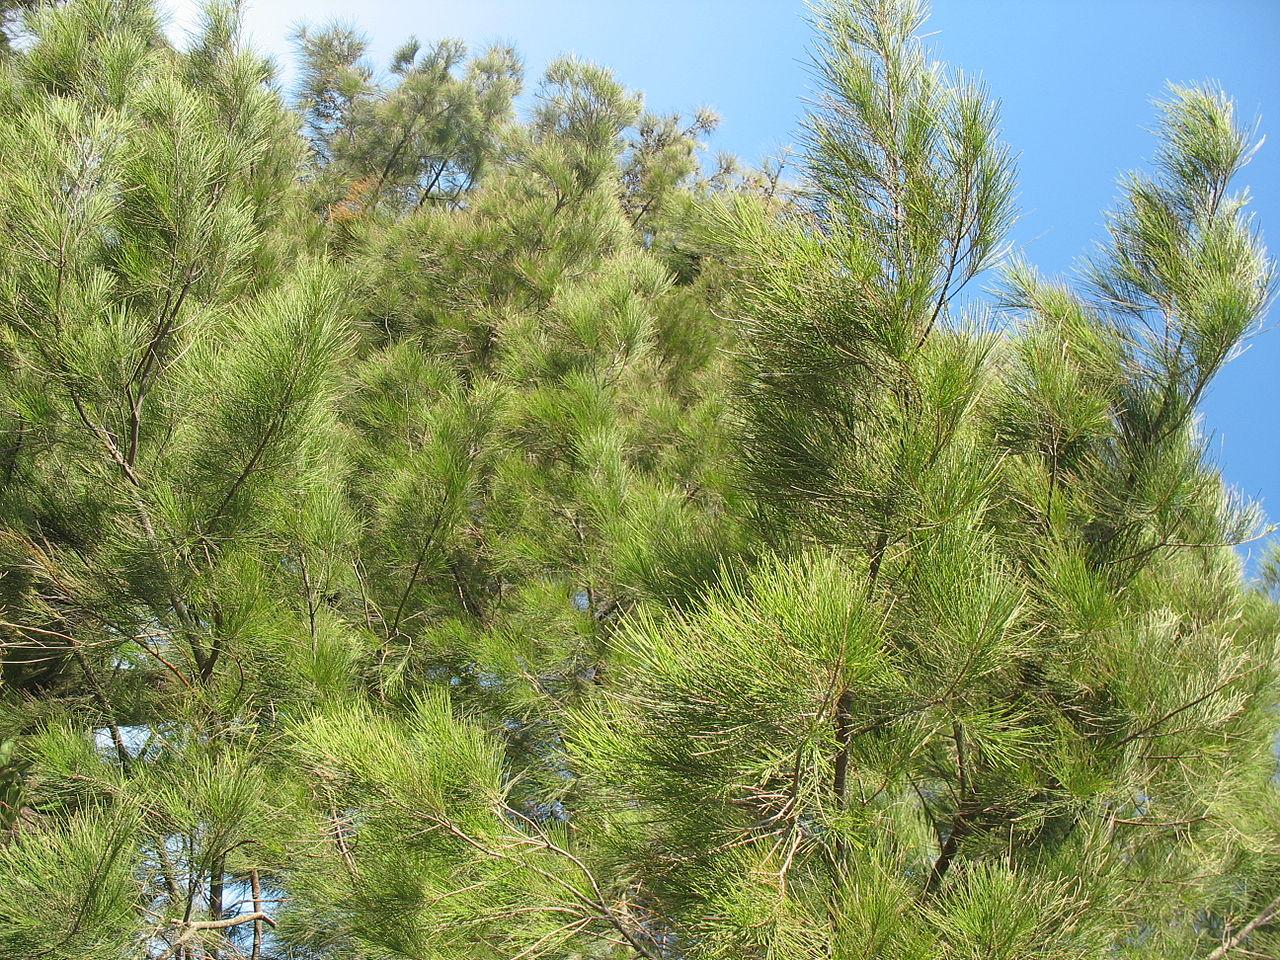 La Casuarina equisetifolia es un árbol perenne